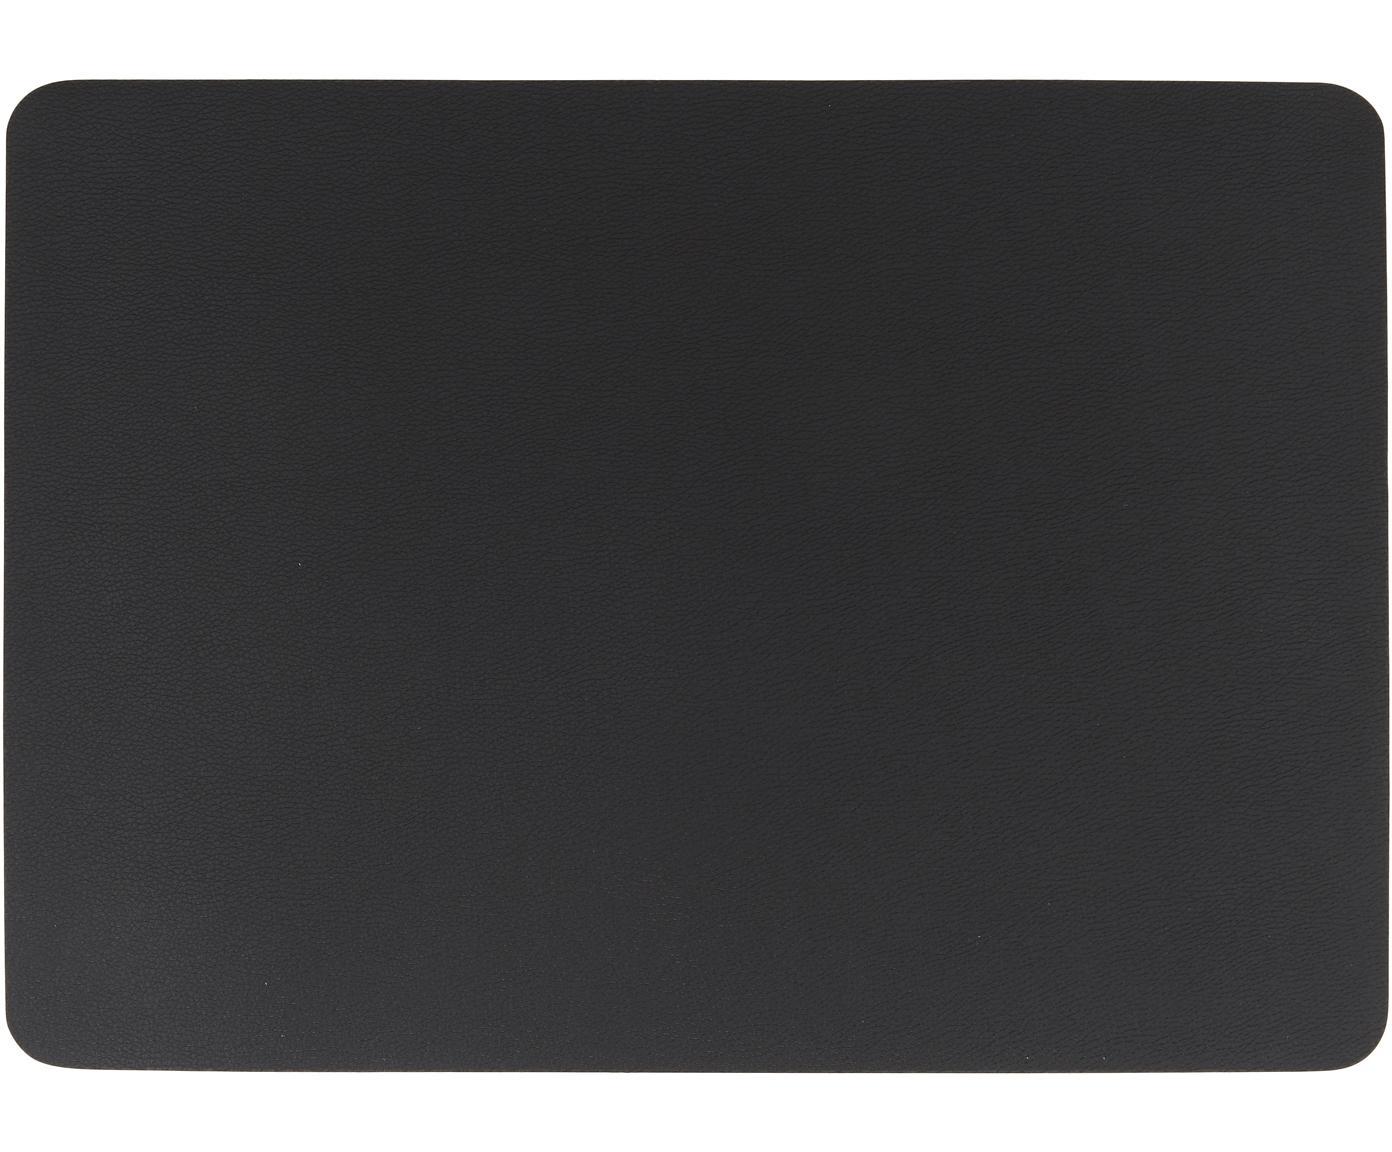 Placemats Pik, 2 stuks, Kunststof (PVC), Zwart, 33 x 46 cm